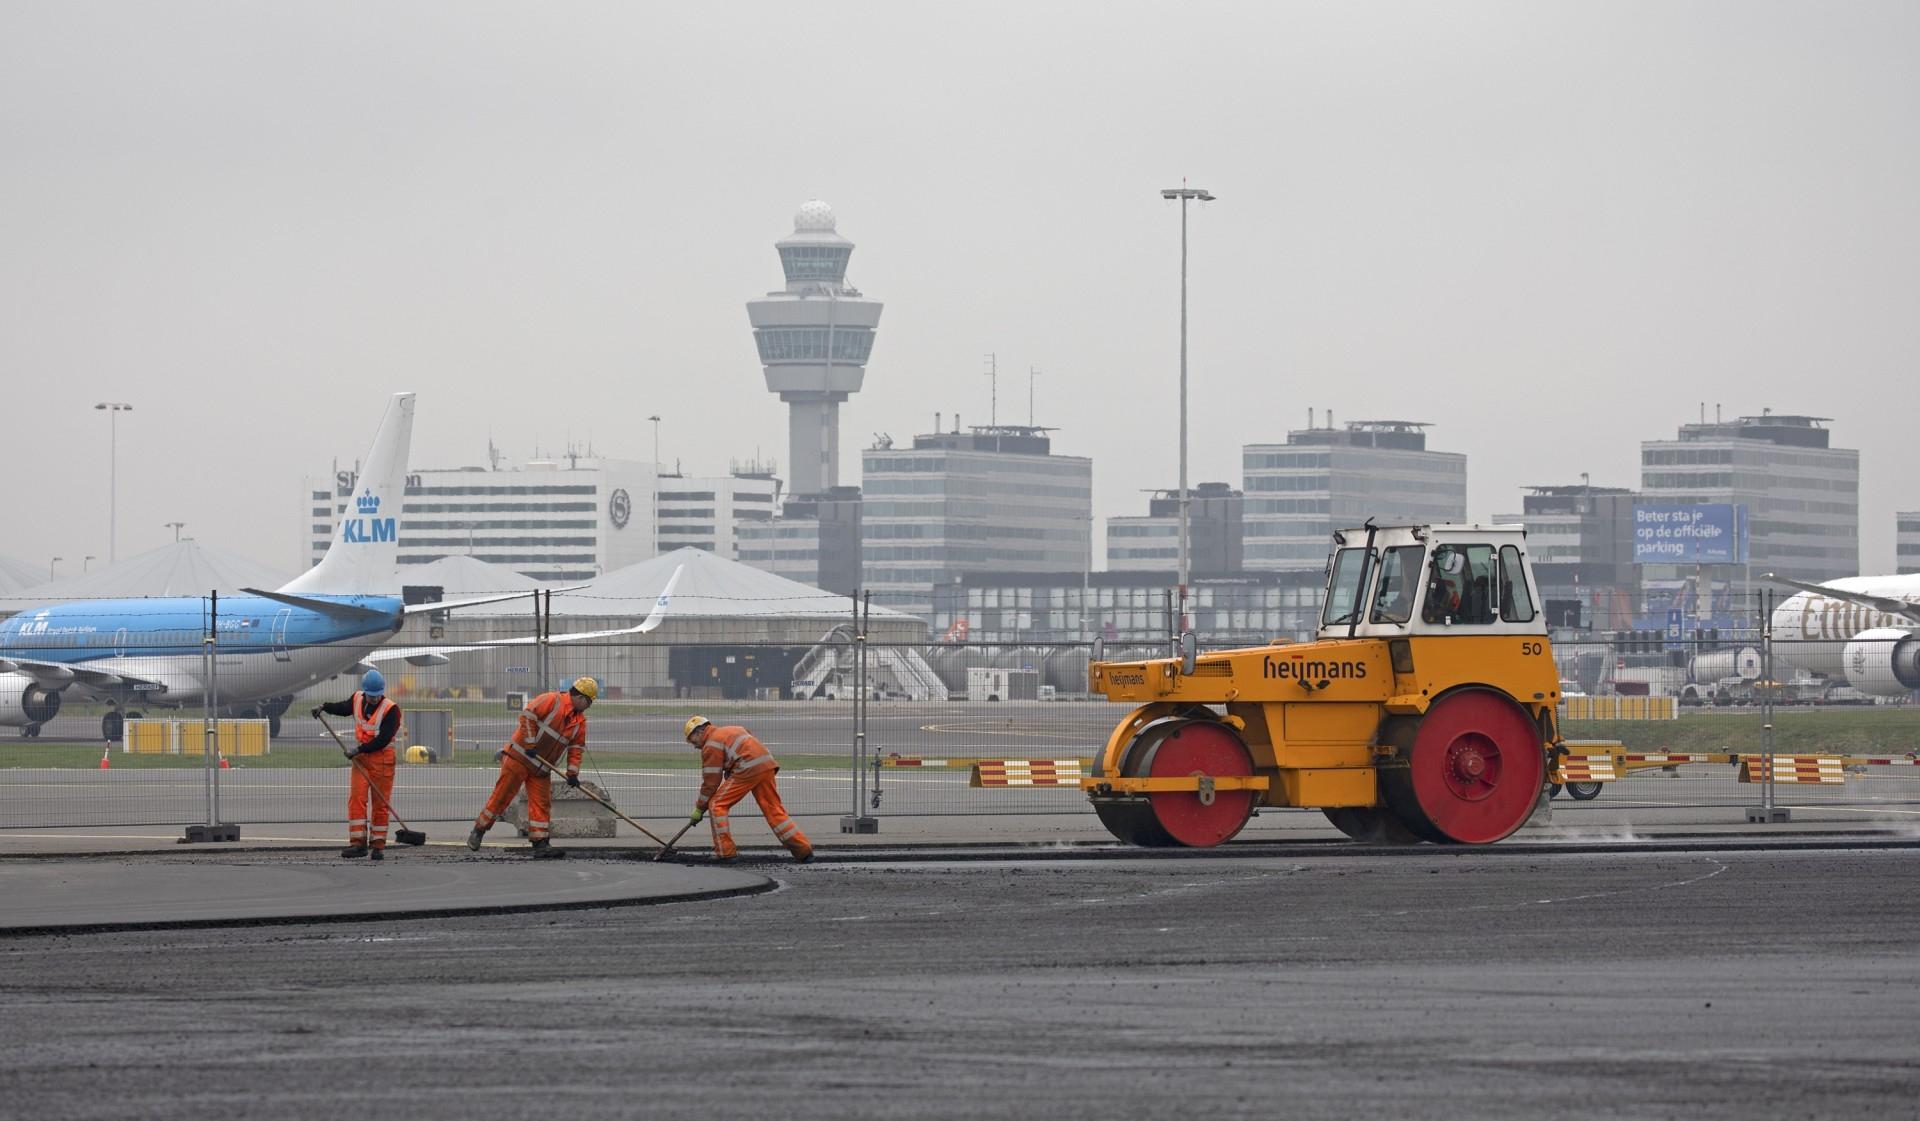 史基浦机场暂时关闭一条跑道 开展维修工作